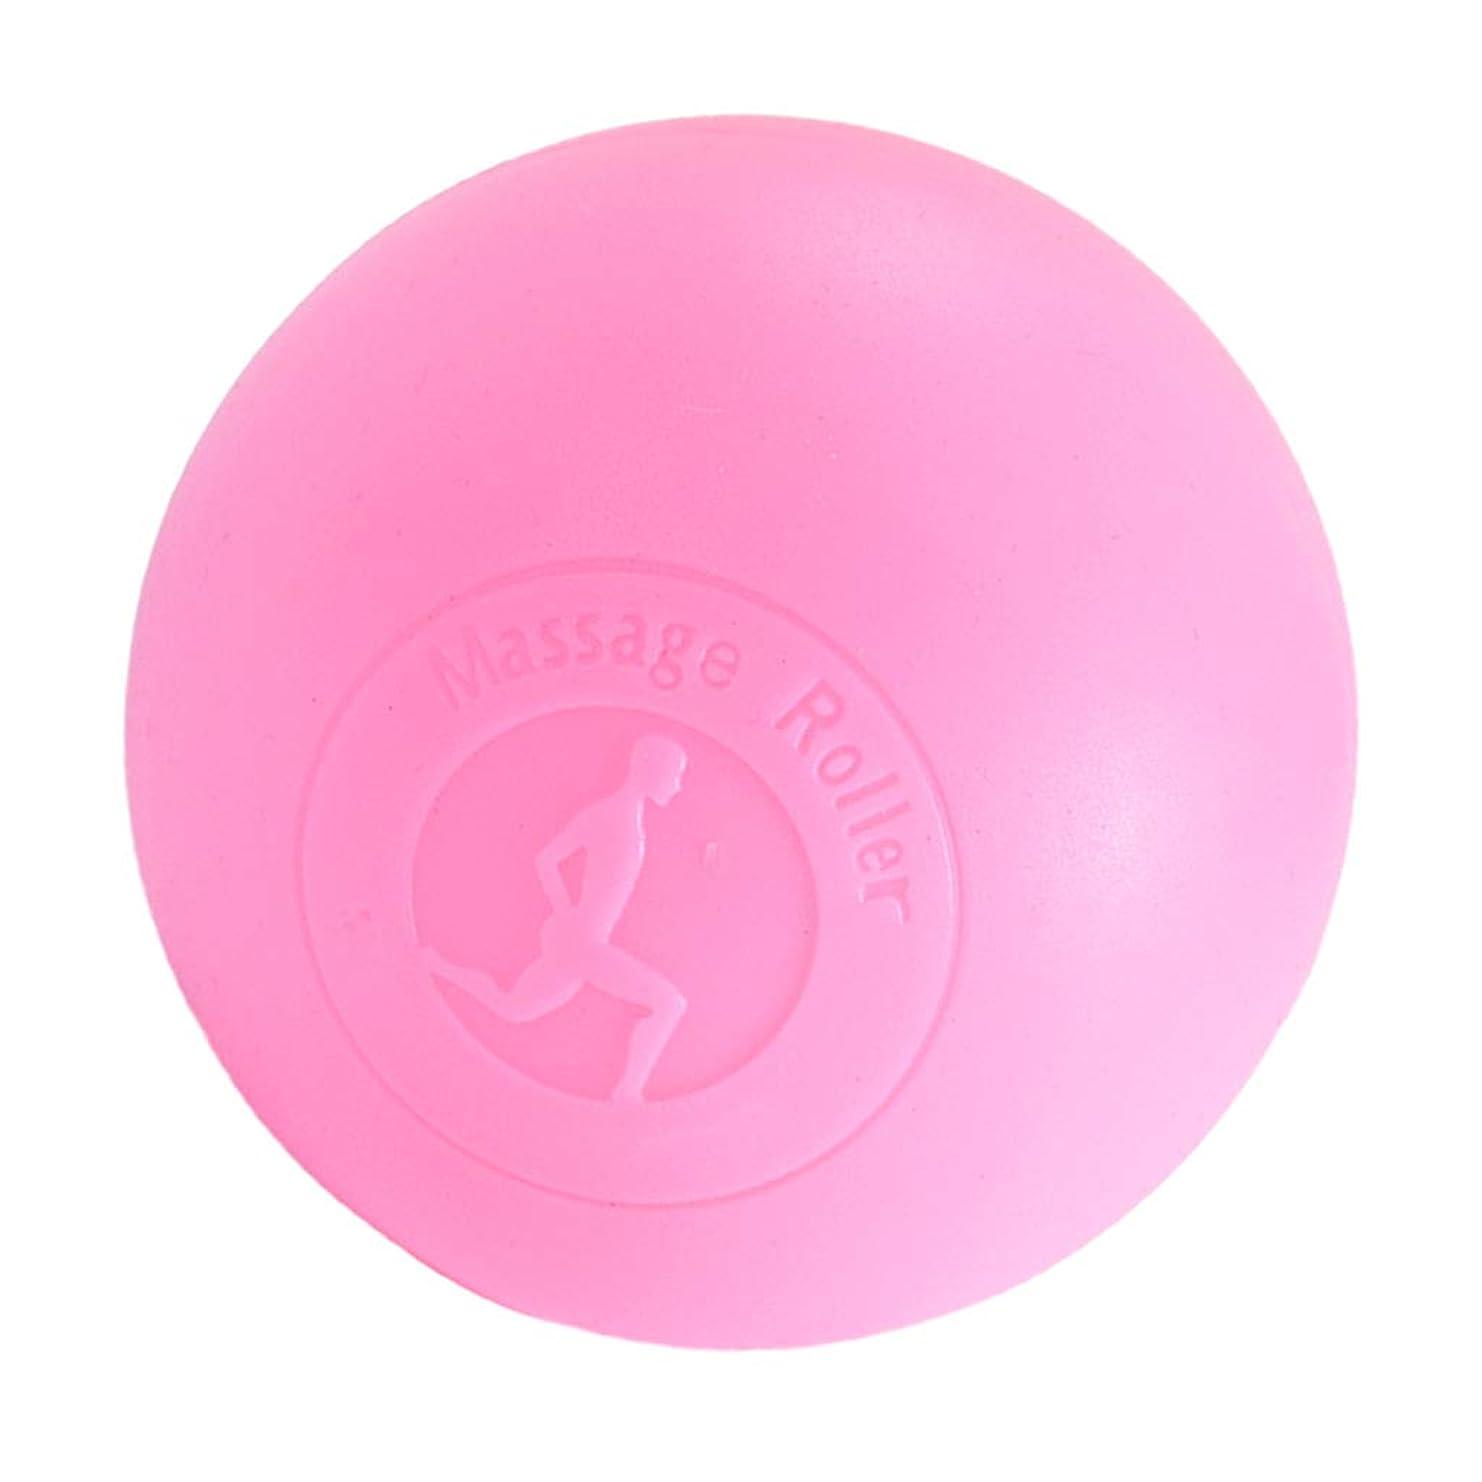 逮捕リクルートメディアラクロスマッサージボール ボディマッサージャー トリガーマッサージ ポイントマッサージ 2色選べ - ピンク